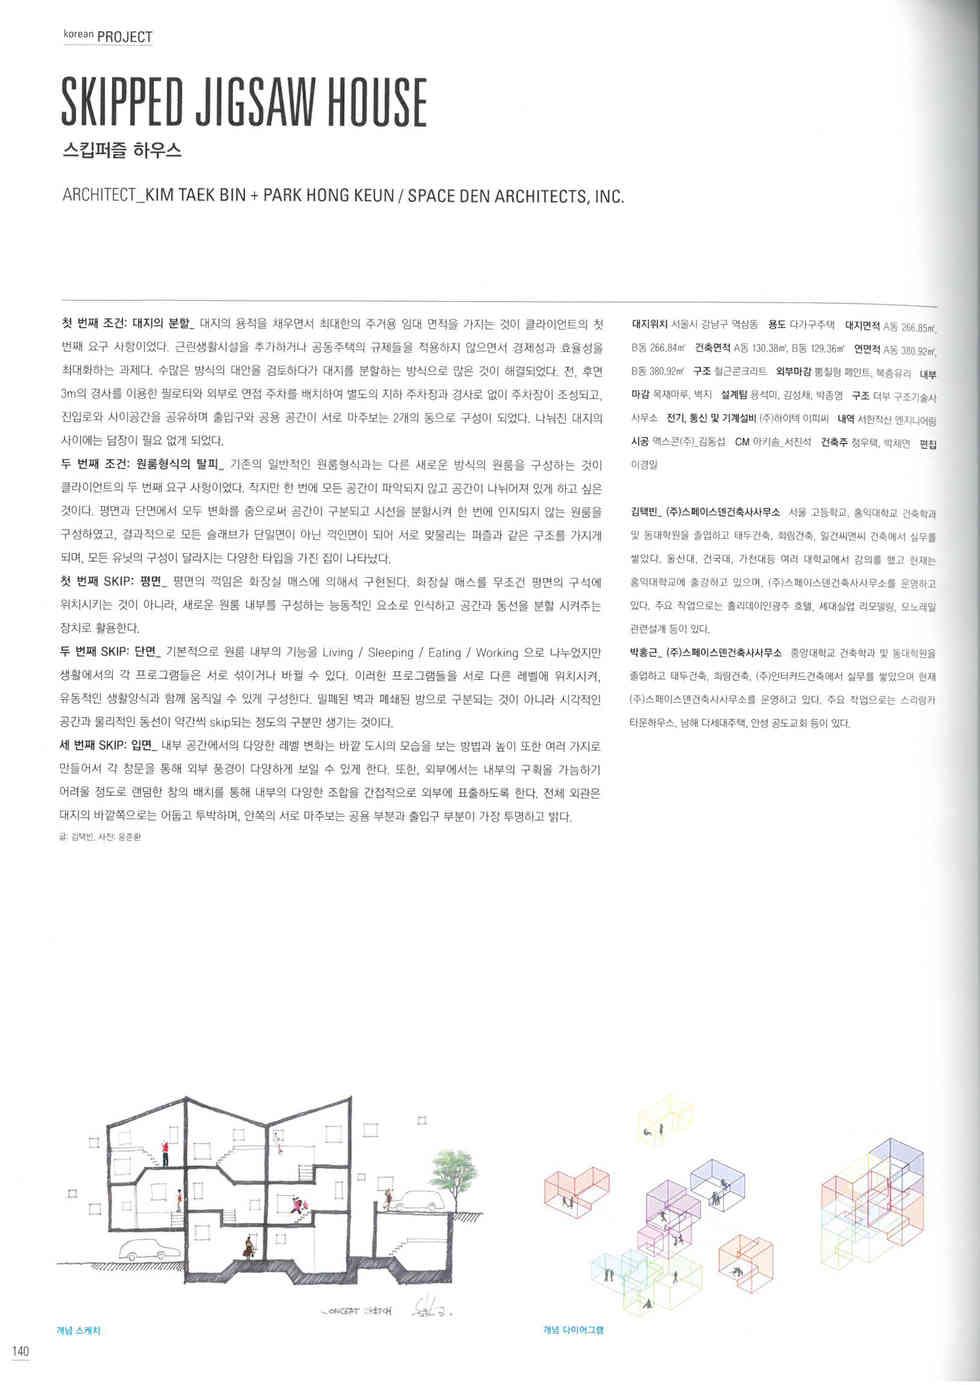 건축문화372_역삼 skip puzzle house-2.jpg